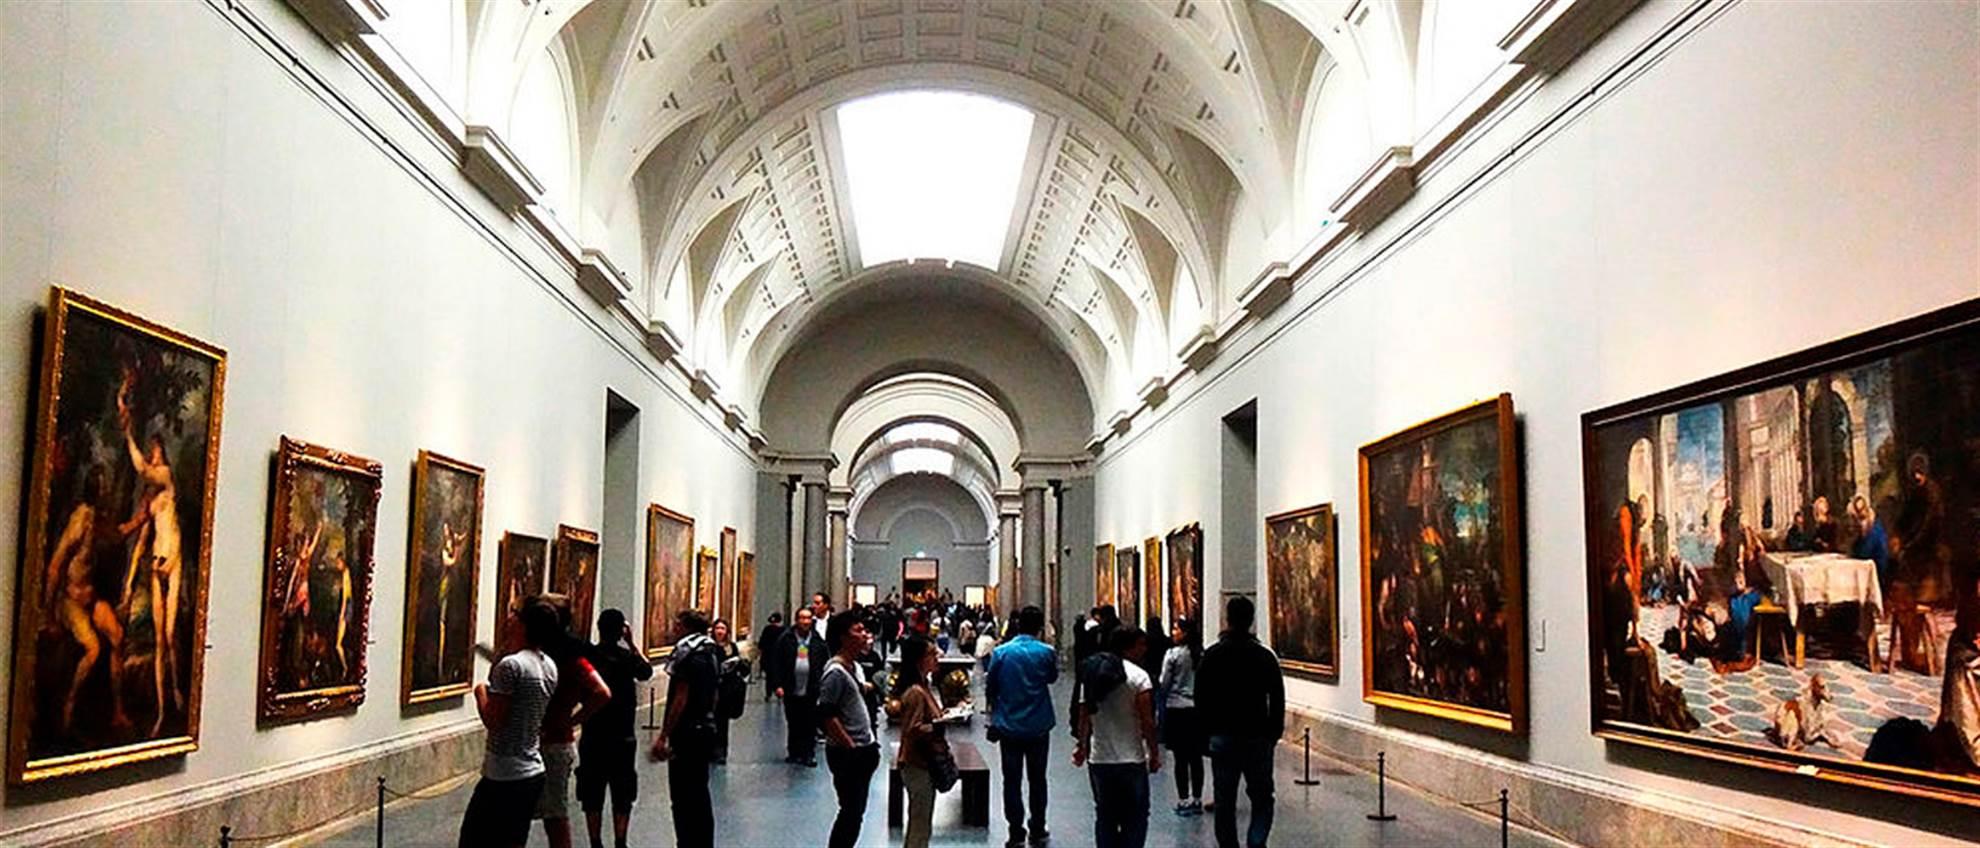 Museu do Prado de Madrid ´Evite filas´